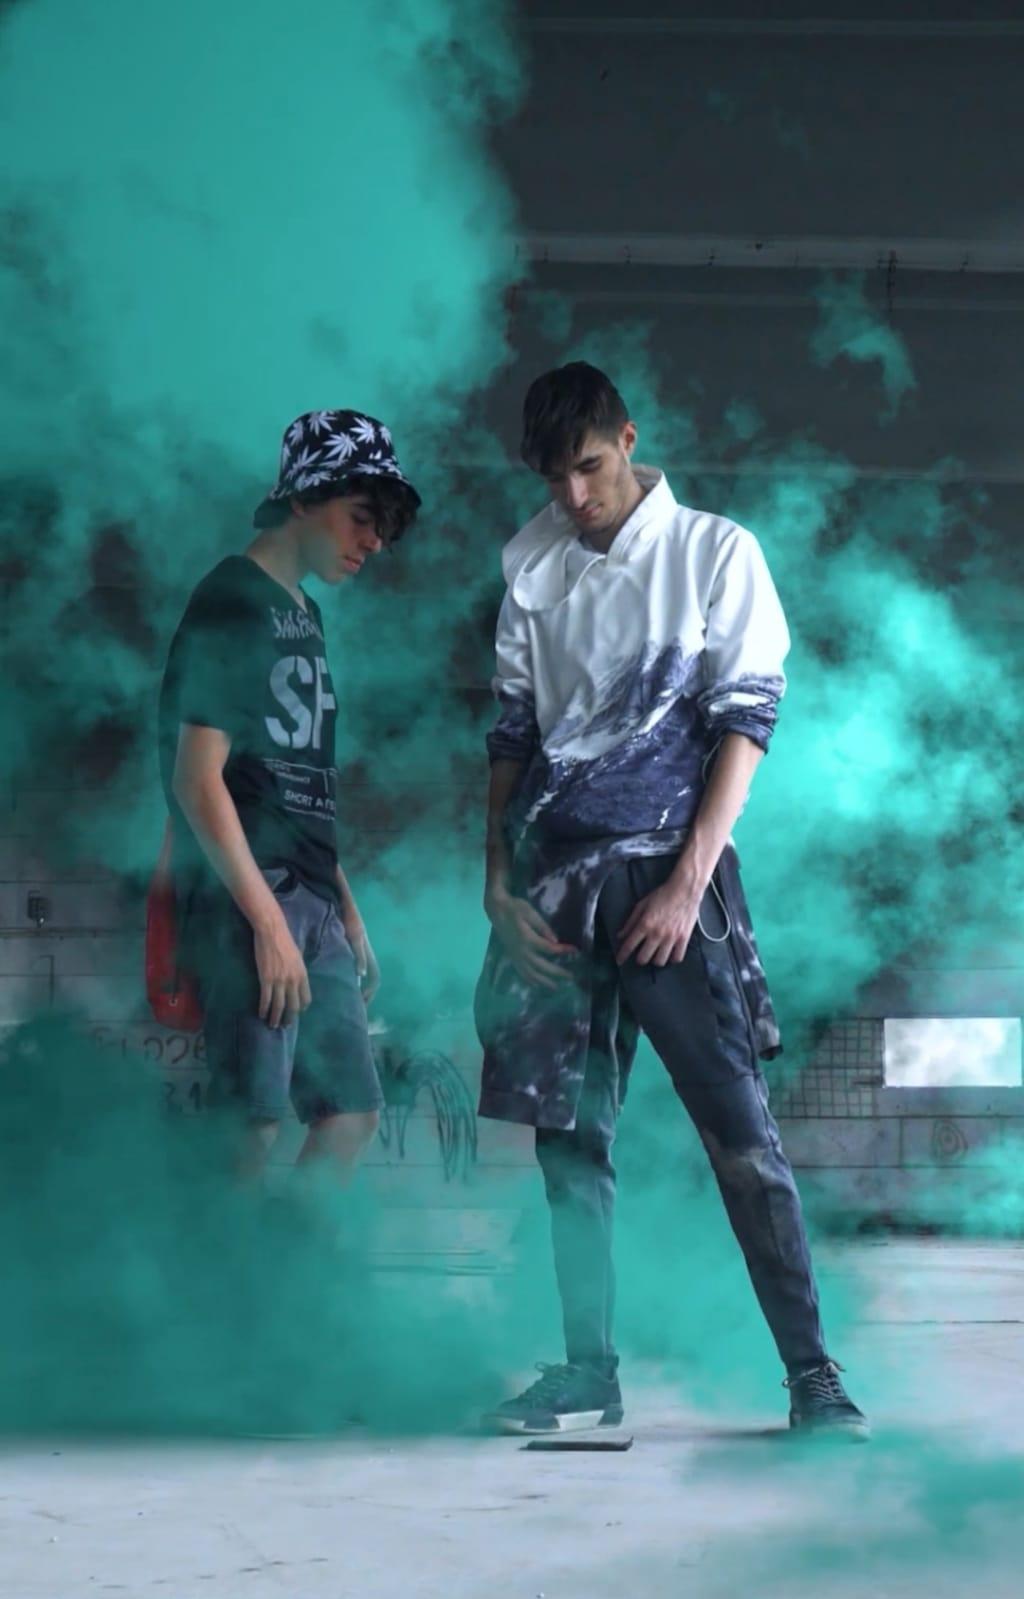 האמן ג'וני קלוור מאיילת השחר רק בן 16 וזכה במקום הראשון בתחרות קליפים של אתר 'מאקו'